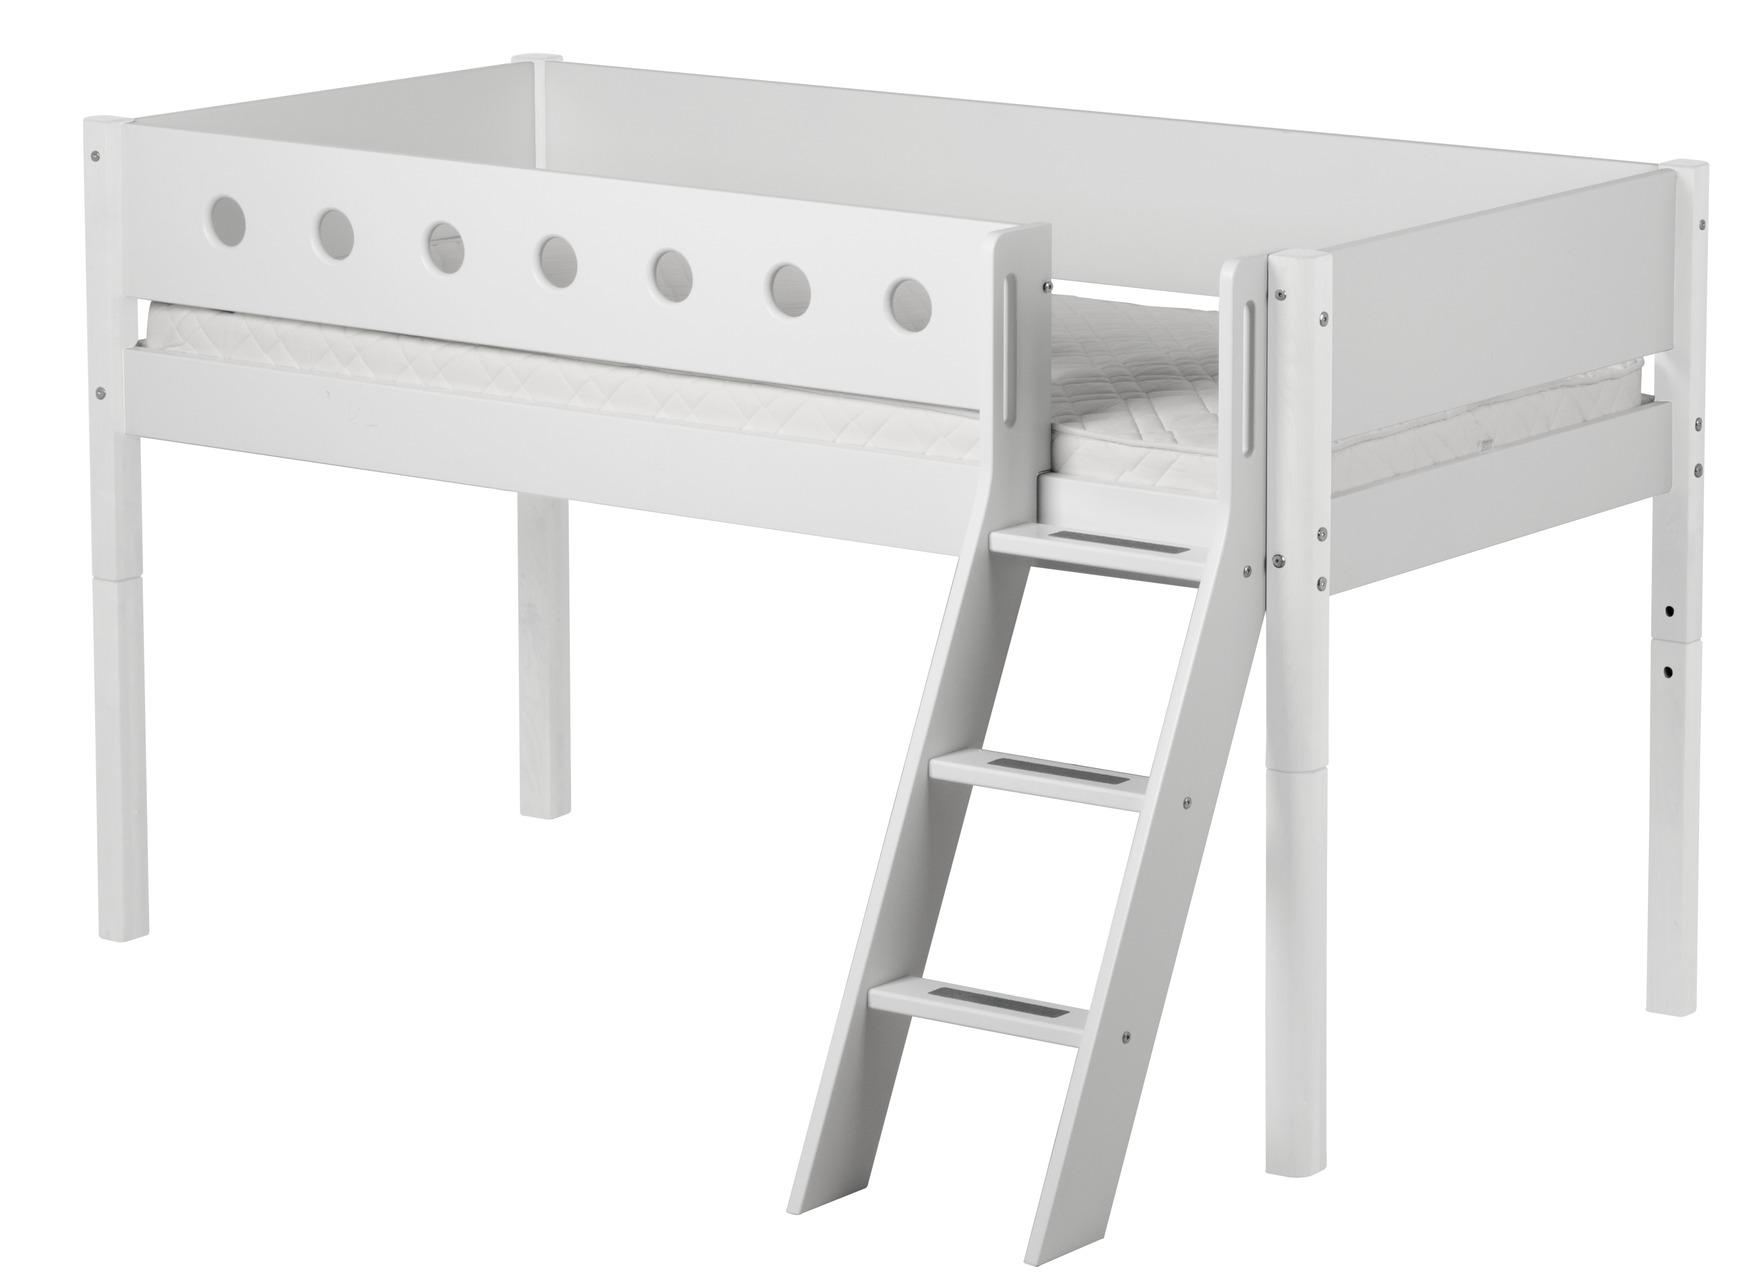 flexa halbhohes bett mit schr gleiter 90 x 190 cm h he 120 cm dannenfelser. Black Bedroom Furniture Sets. Home Design Ideas